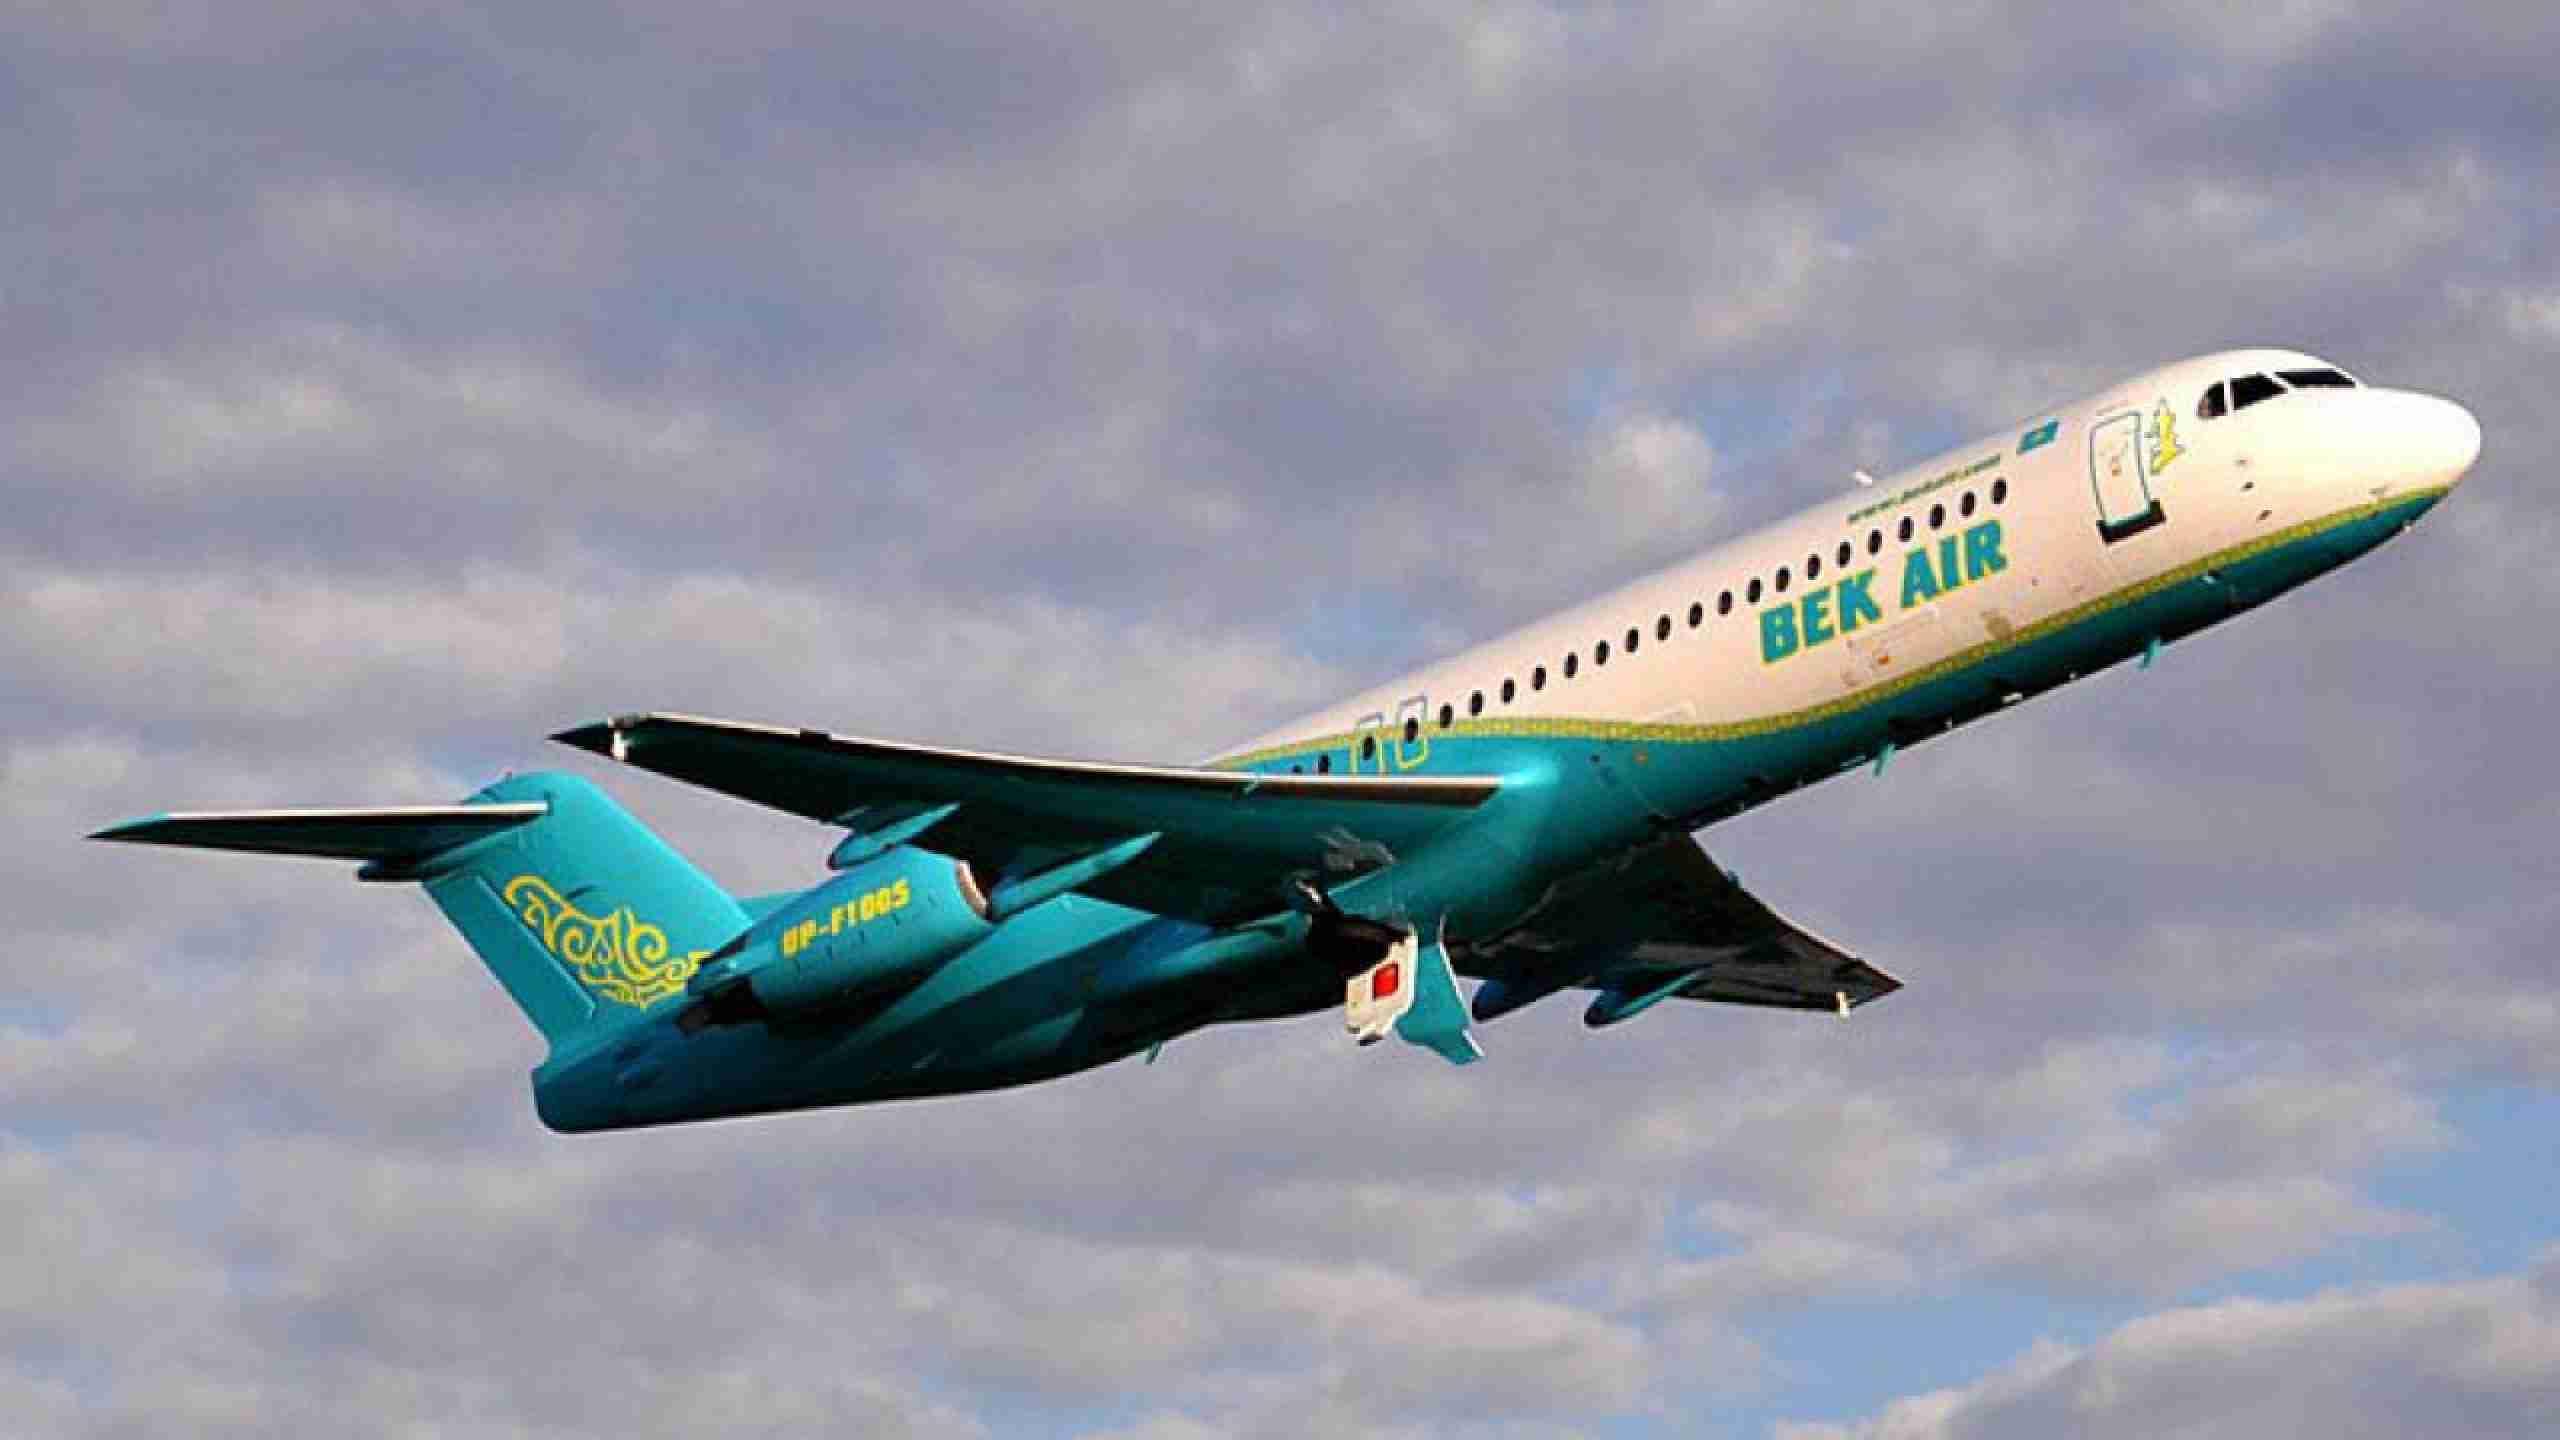 Дело Bek Air: сколько денег авиаперевозчик вернет пассажирам